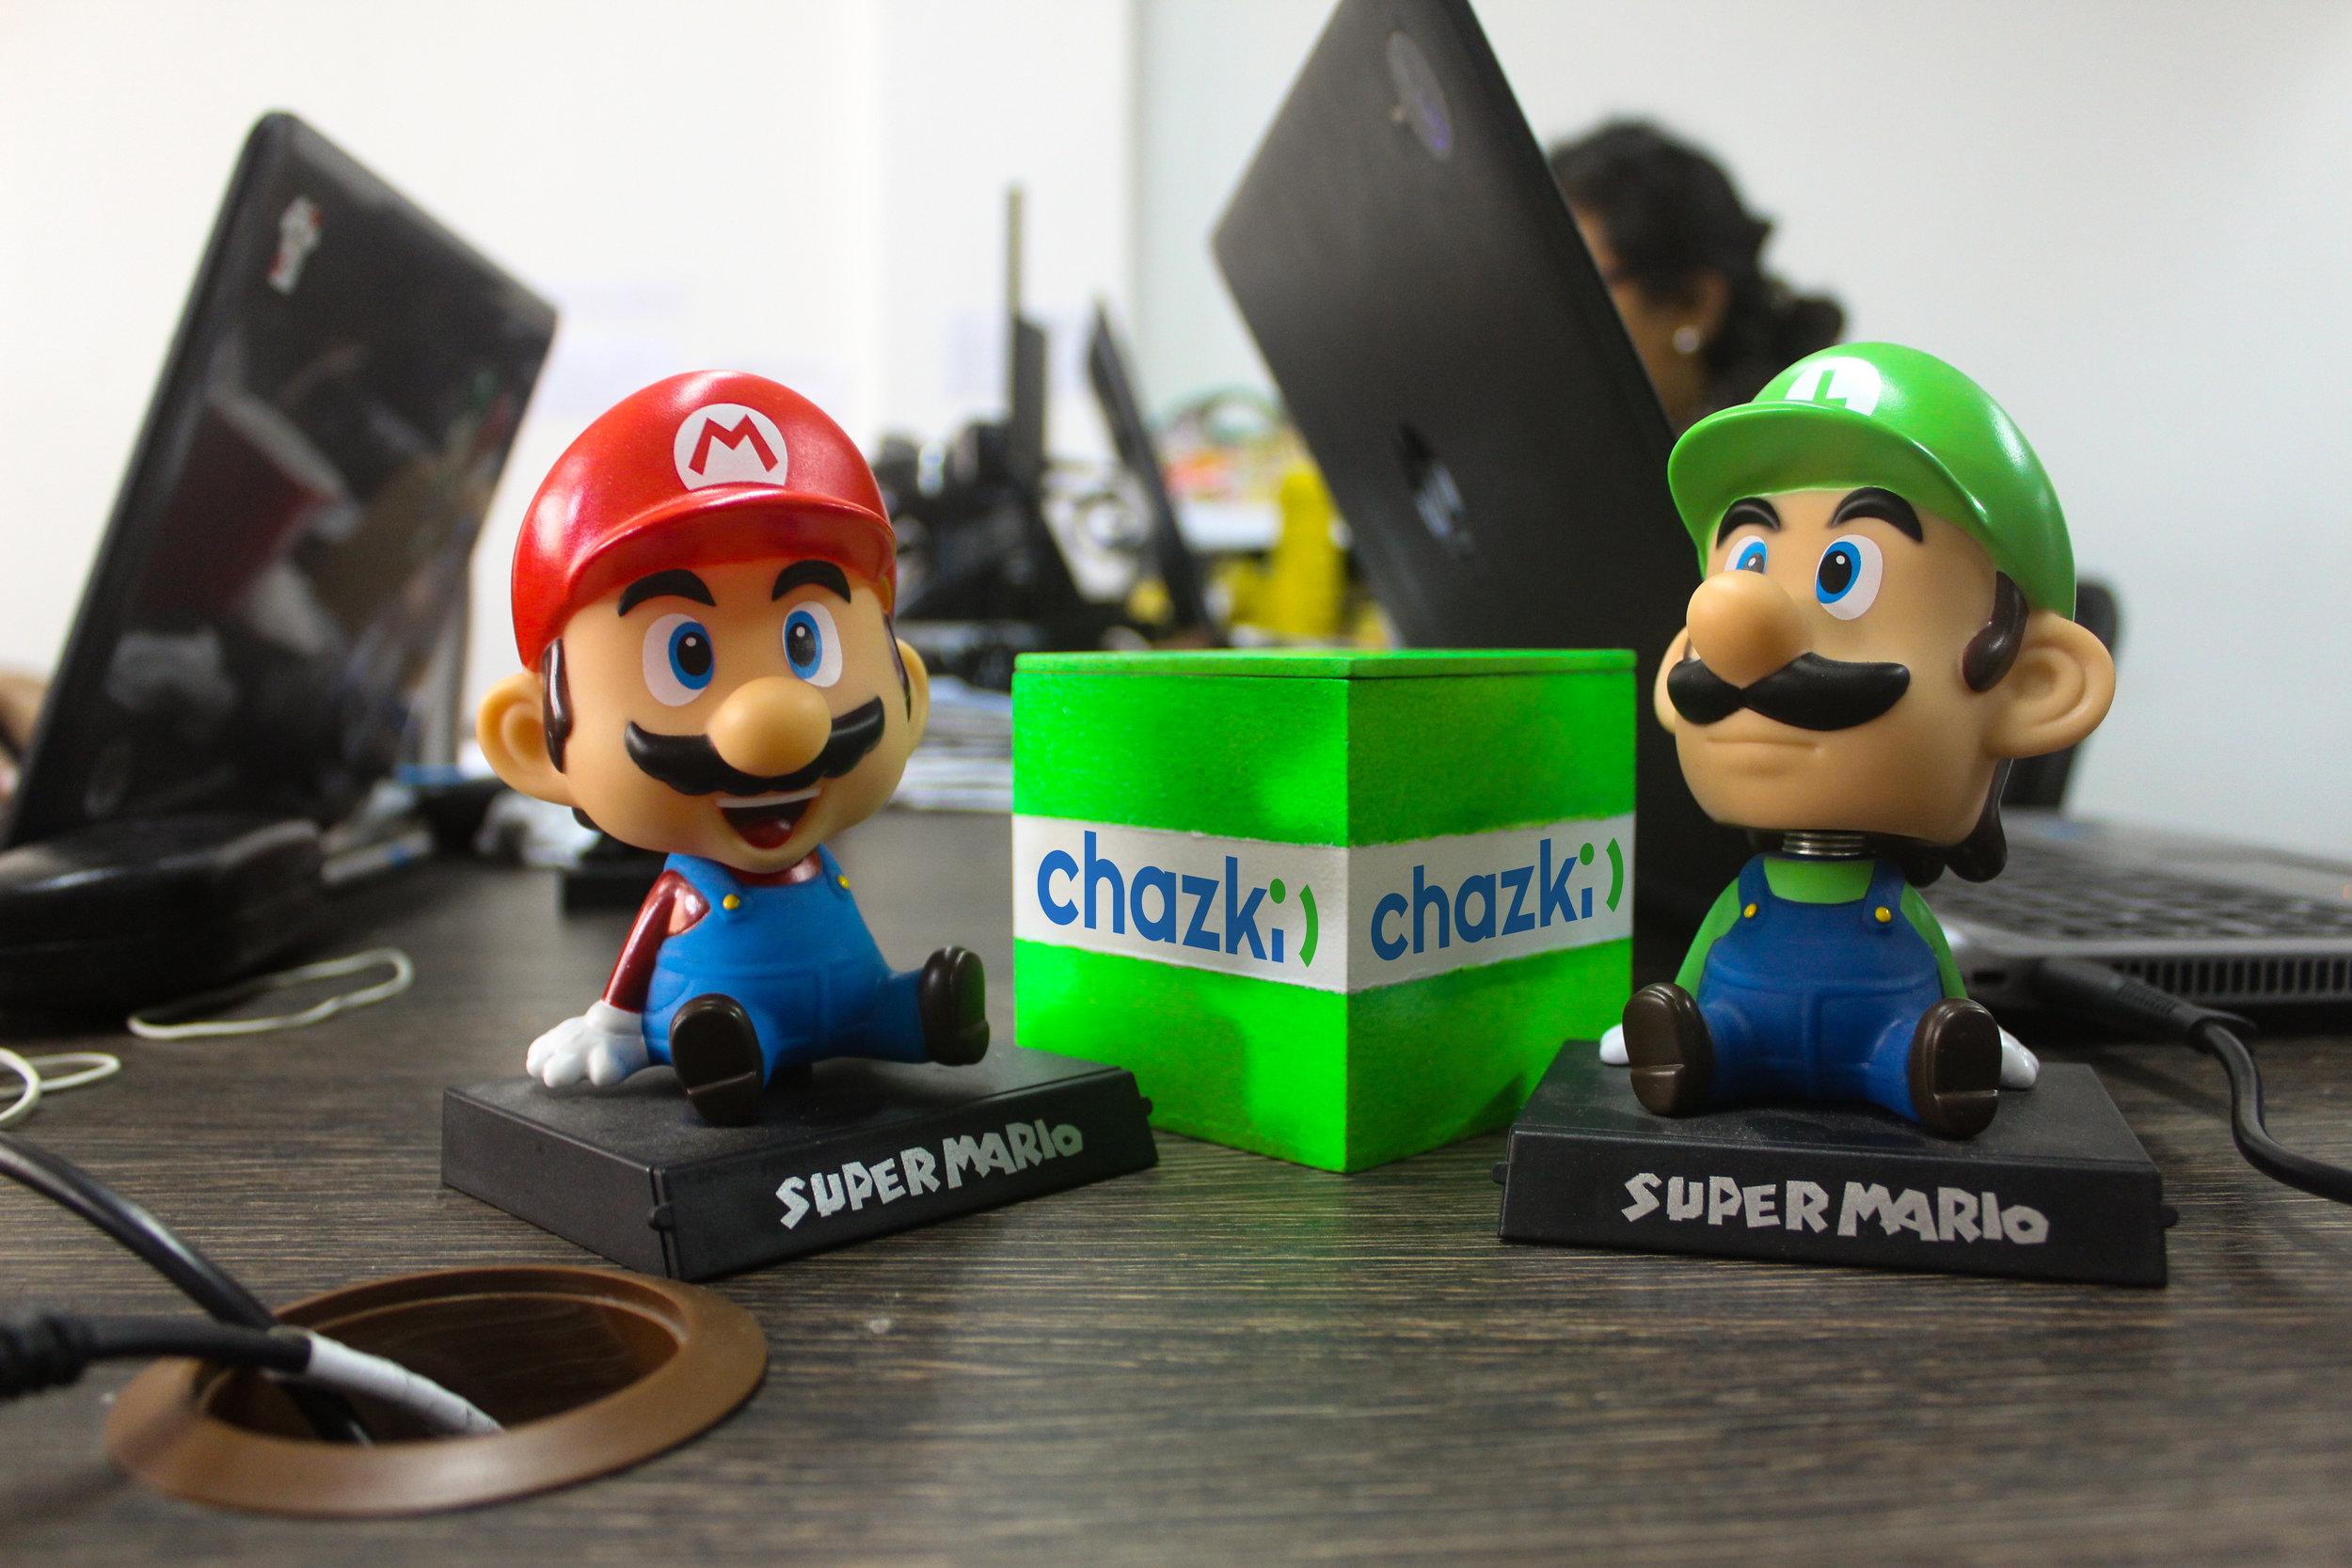 21-Caja_Chazki_Mario_&_Luigi.jpg